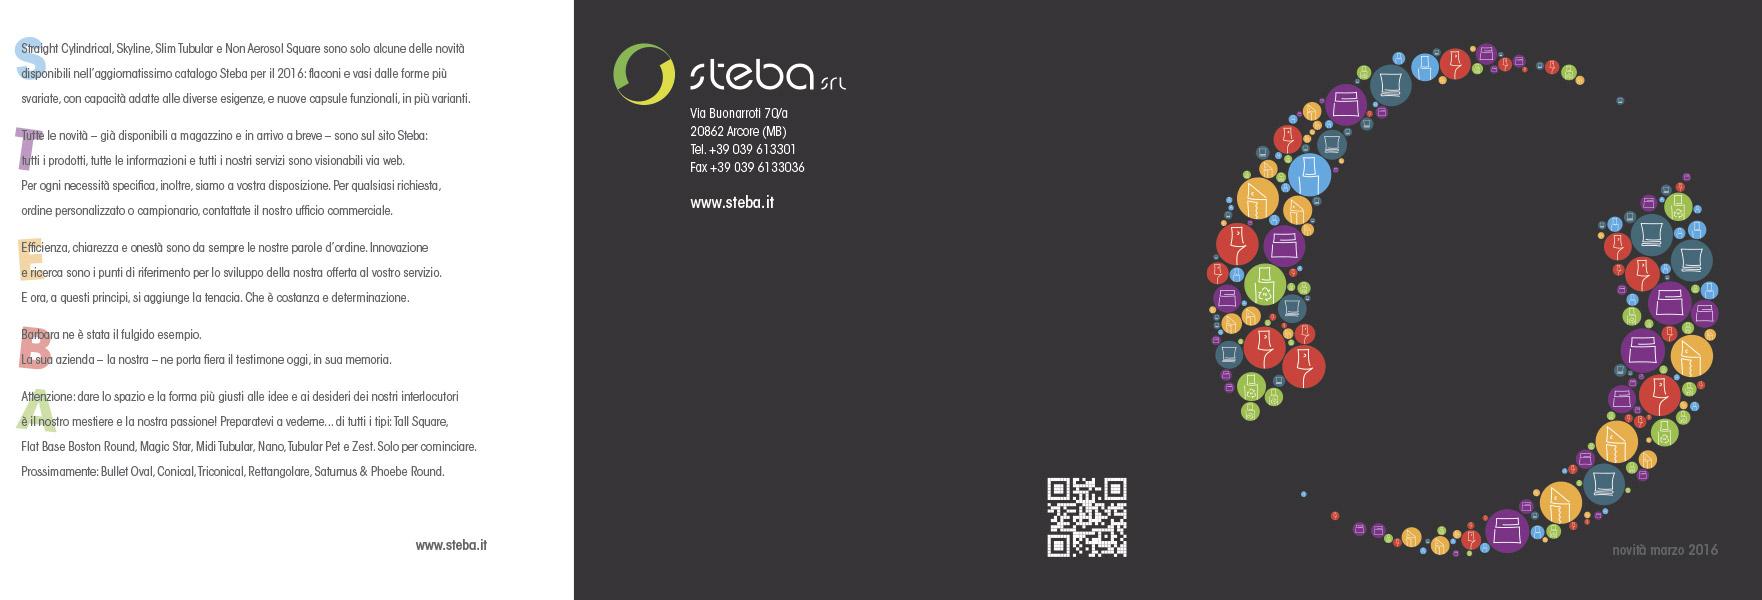 catalogo-2016-1